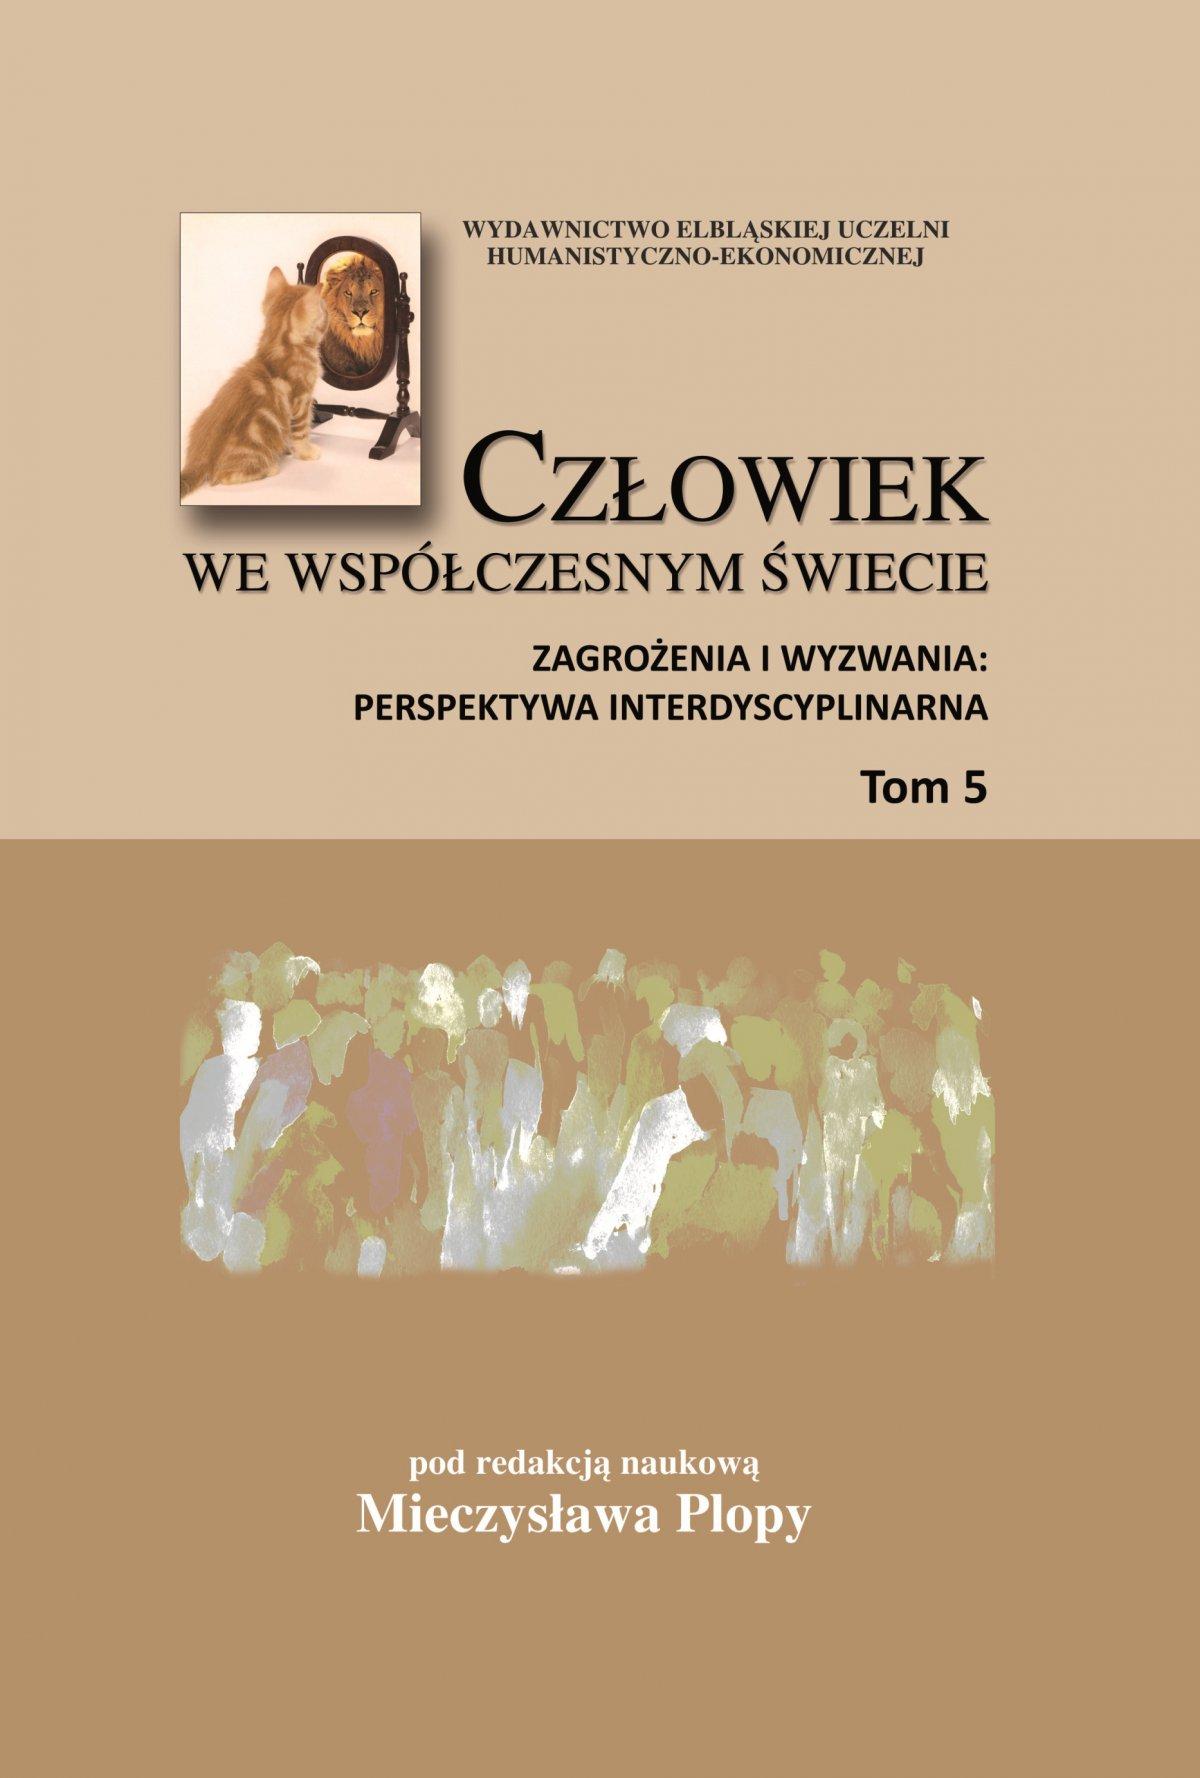 Człowiek we współczesnym świecie. Zagrożenia i wyzwania: perspektywa interdyscyplinarna. Tom 5 - Ebook (Książka PDF) do pobrania w formacie PDF